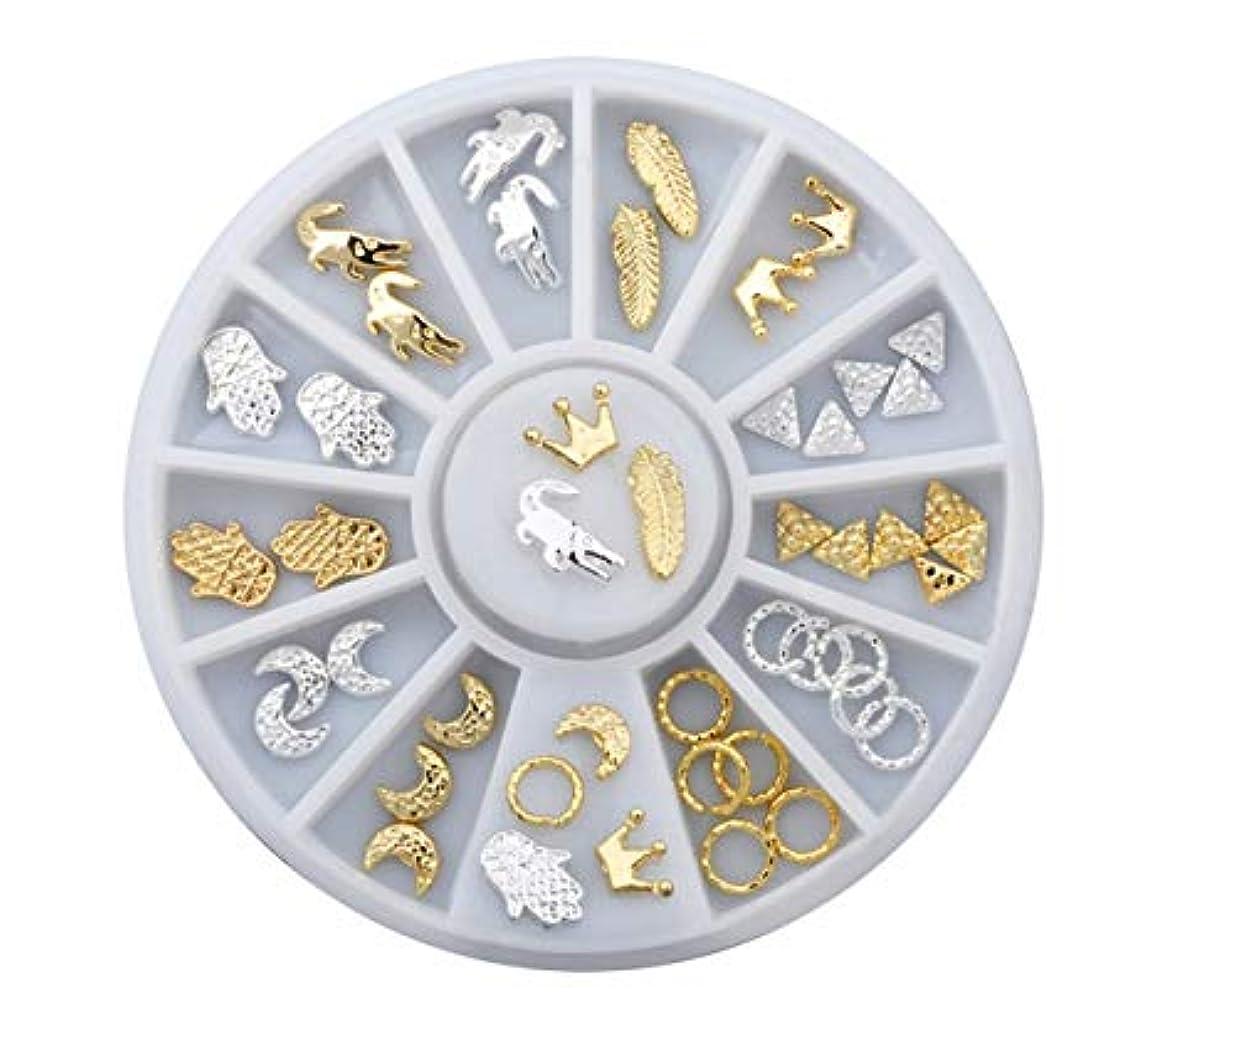 六バッグ心理的Kerwinner トライアングルスクエアゴールドメタルネイルアートスタッドネイルアートの装飾デザイン